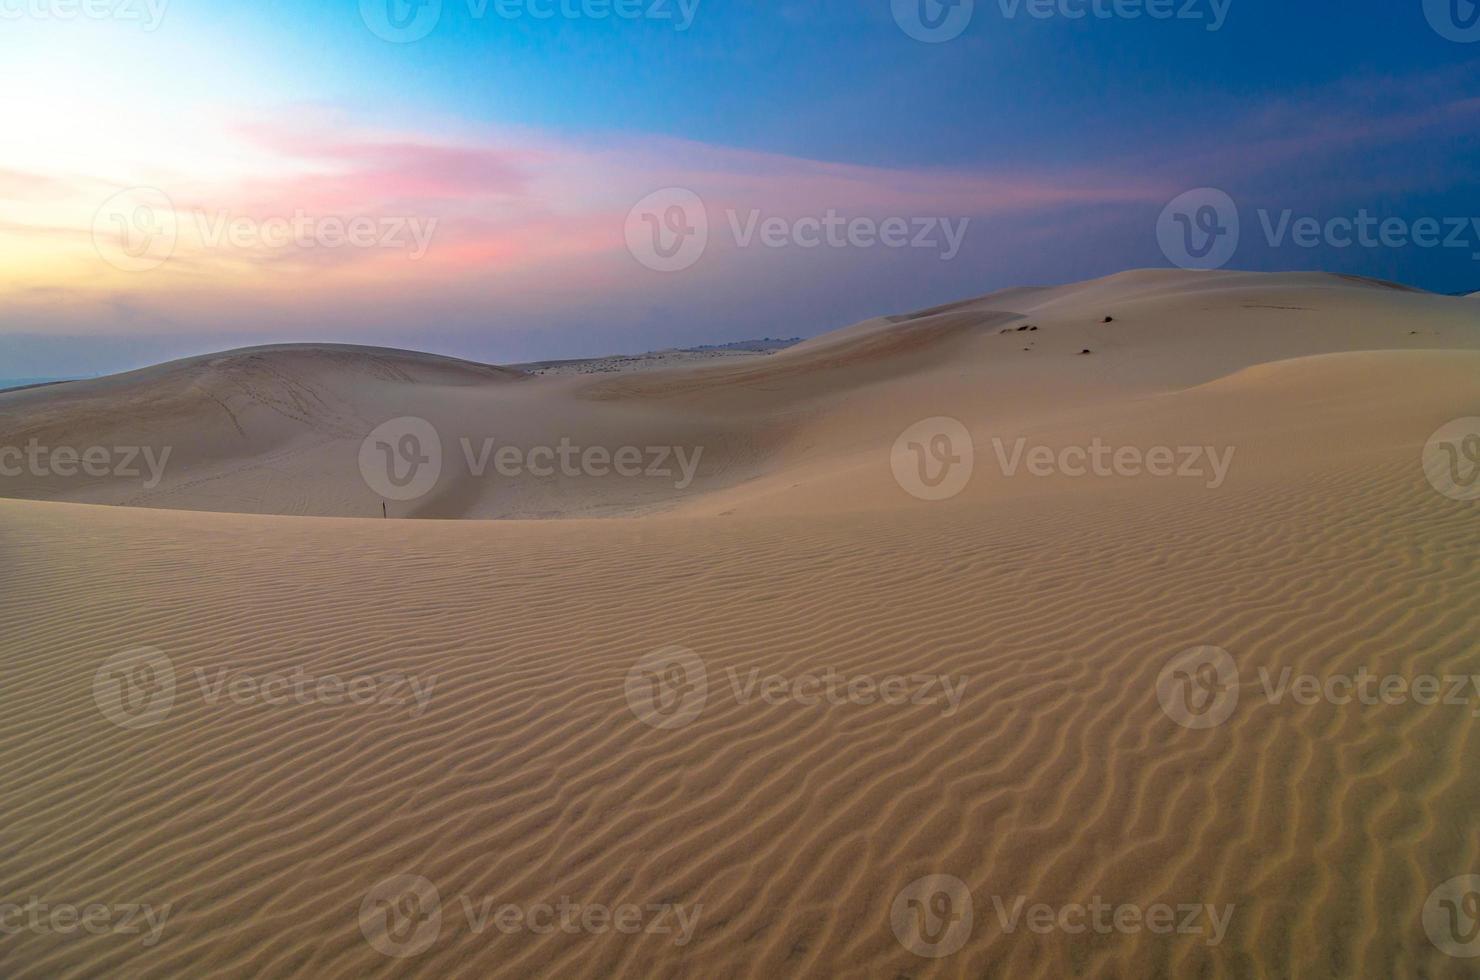 zandduinen bij zonsondergang in muine, vietnam foto